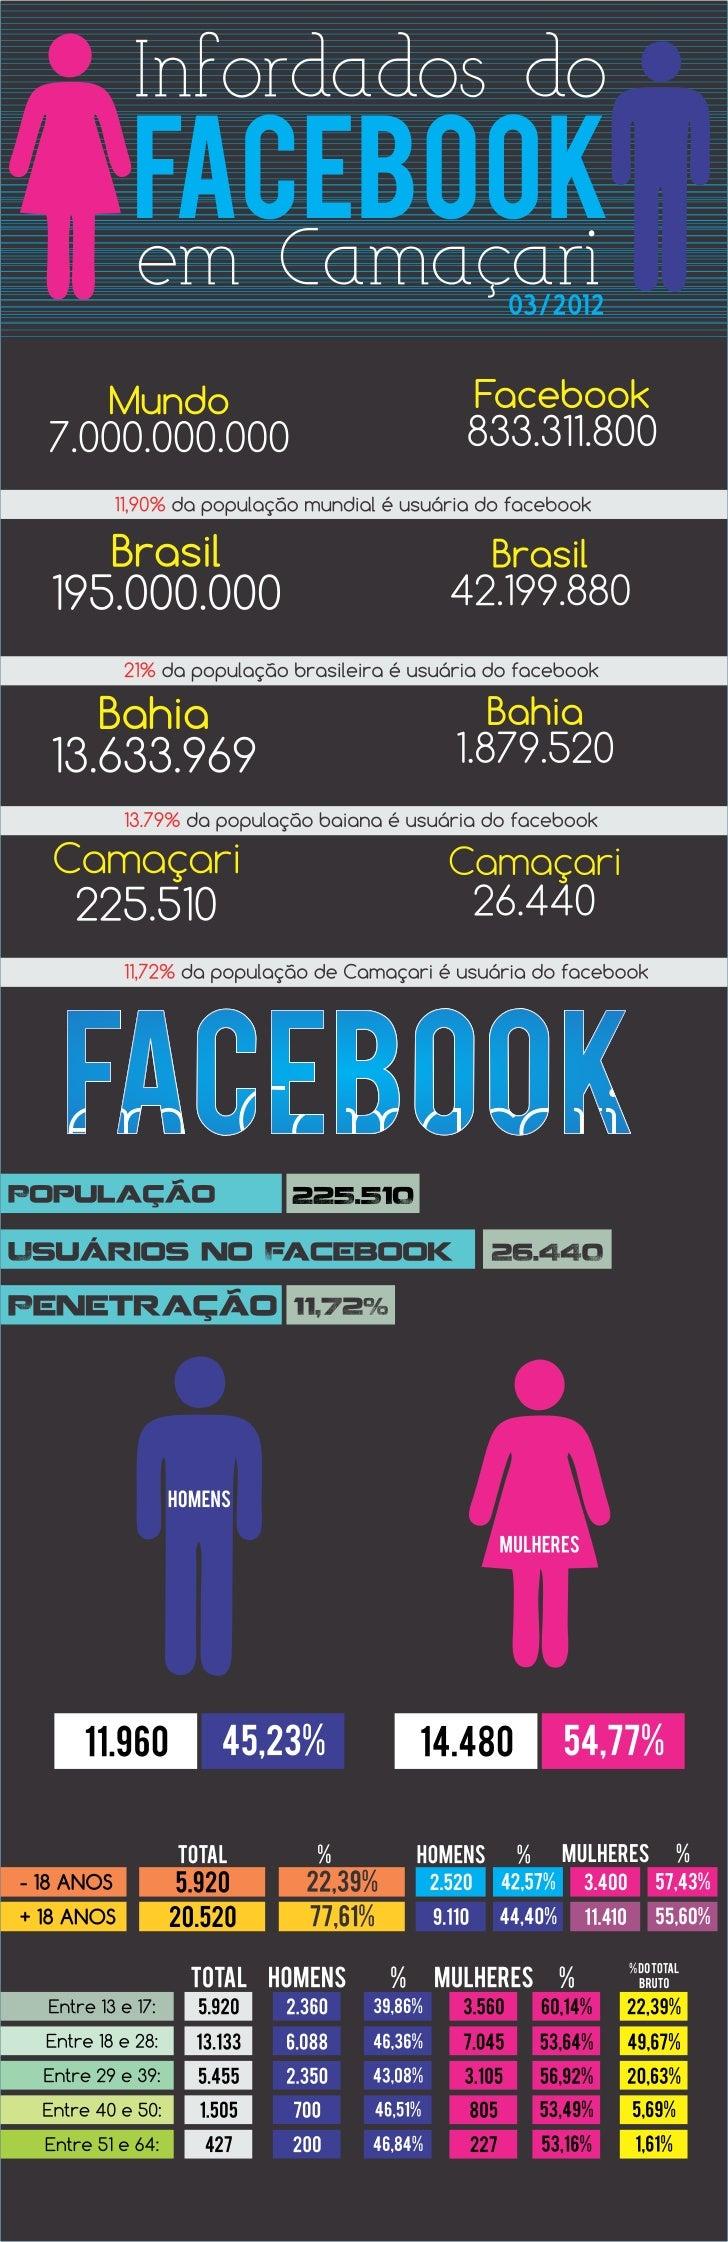 Infordados do Facebook em Camaçari